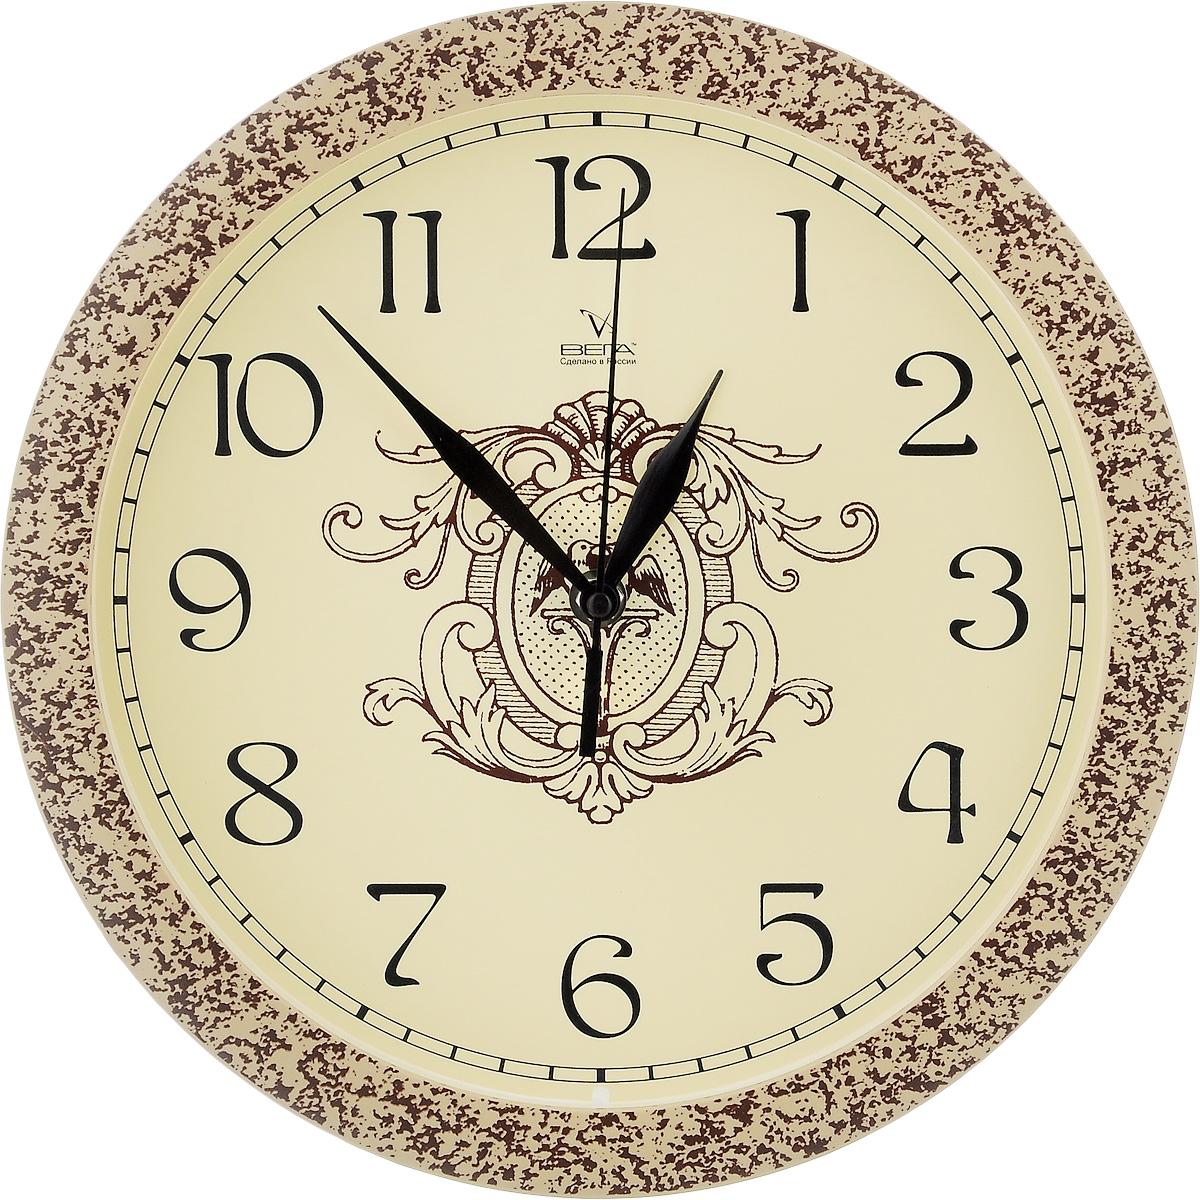 Часы настенные Вега Классика, цвет: бежевый, коричневый, диаметр 28,5 см. П1-1492/7П1-1492/7-66Настенные кварцевые часы Вега Классика, изготовленные из пластика, прекрасно впишутся в интерьер вашего дома. Круглые часы имеют три стрелки: часовую, минутную и секундную, циферблат защищен прозрачным стеклом. Часы работают от 1 батарейки типа АА напряжением 1,5 В (не входит в комплект). Диаметр часов: 28,5 см.